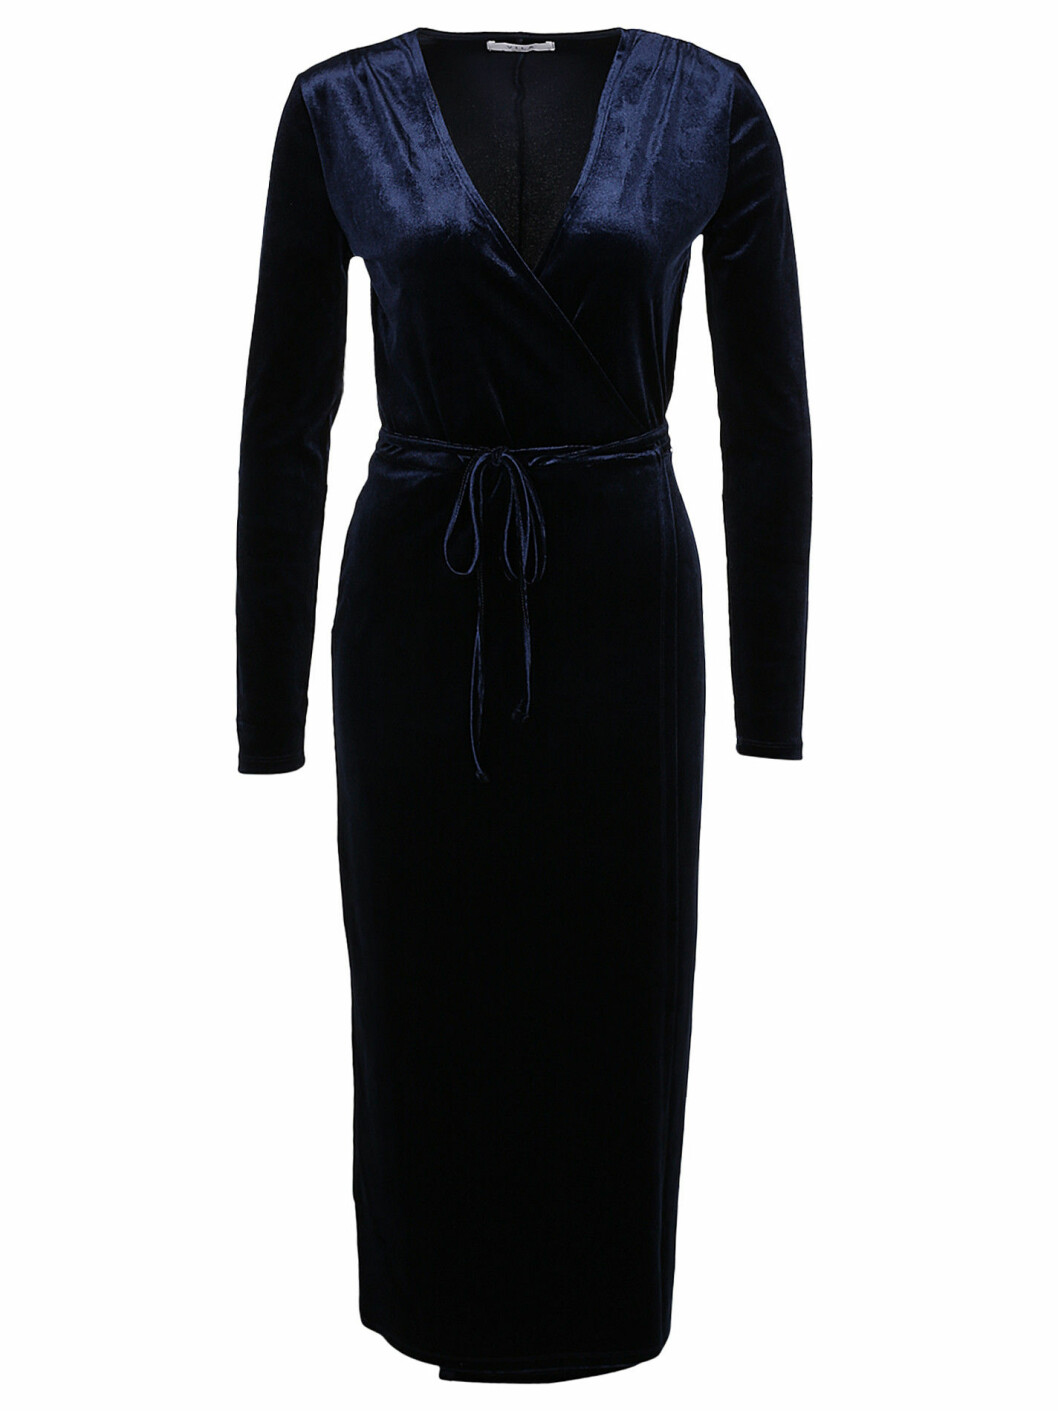 mörkblå sammet klänning